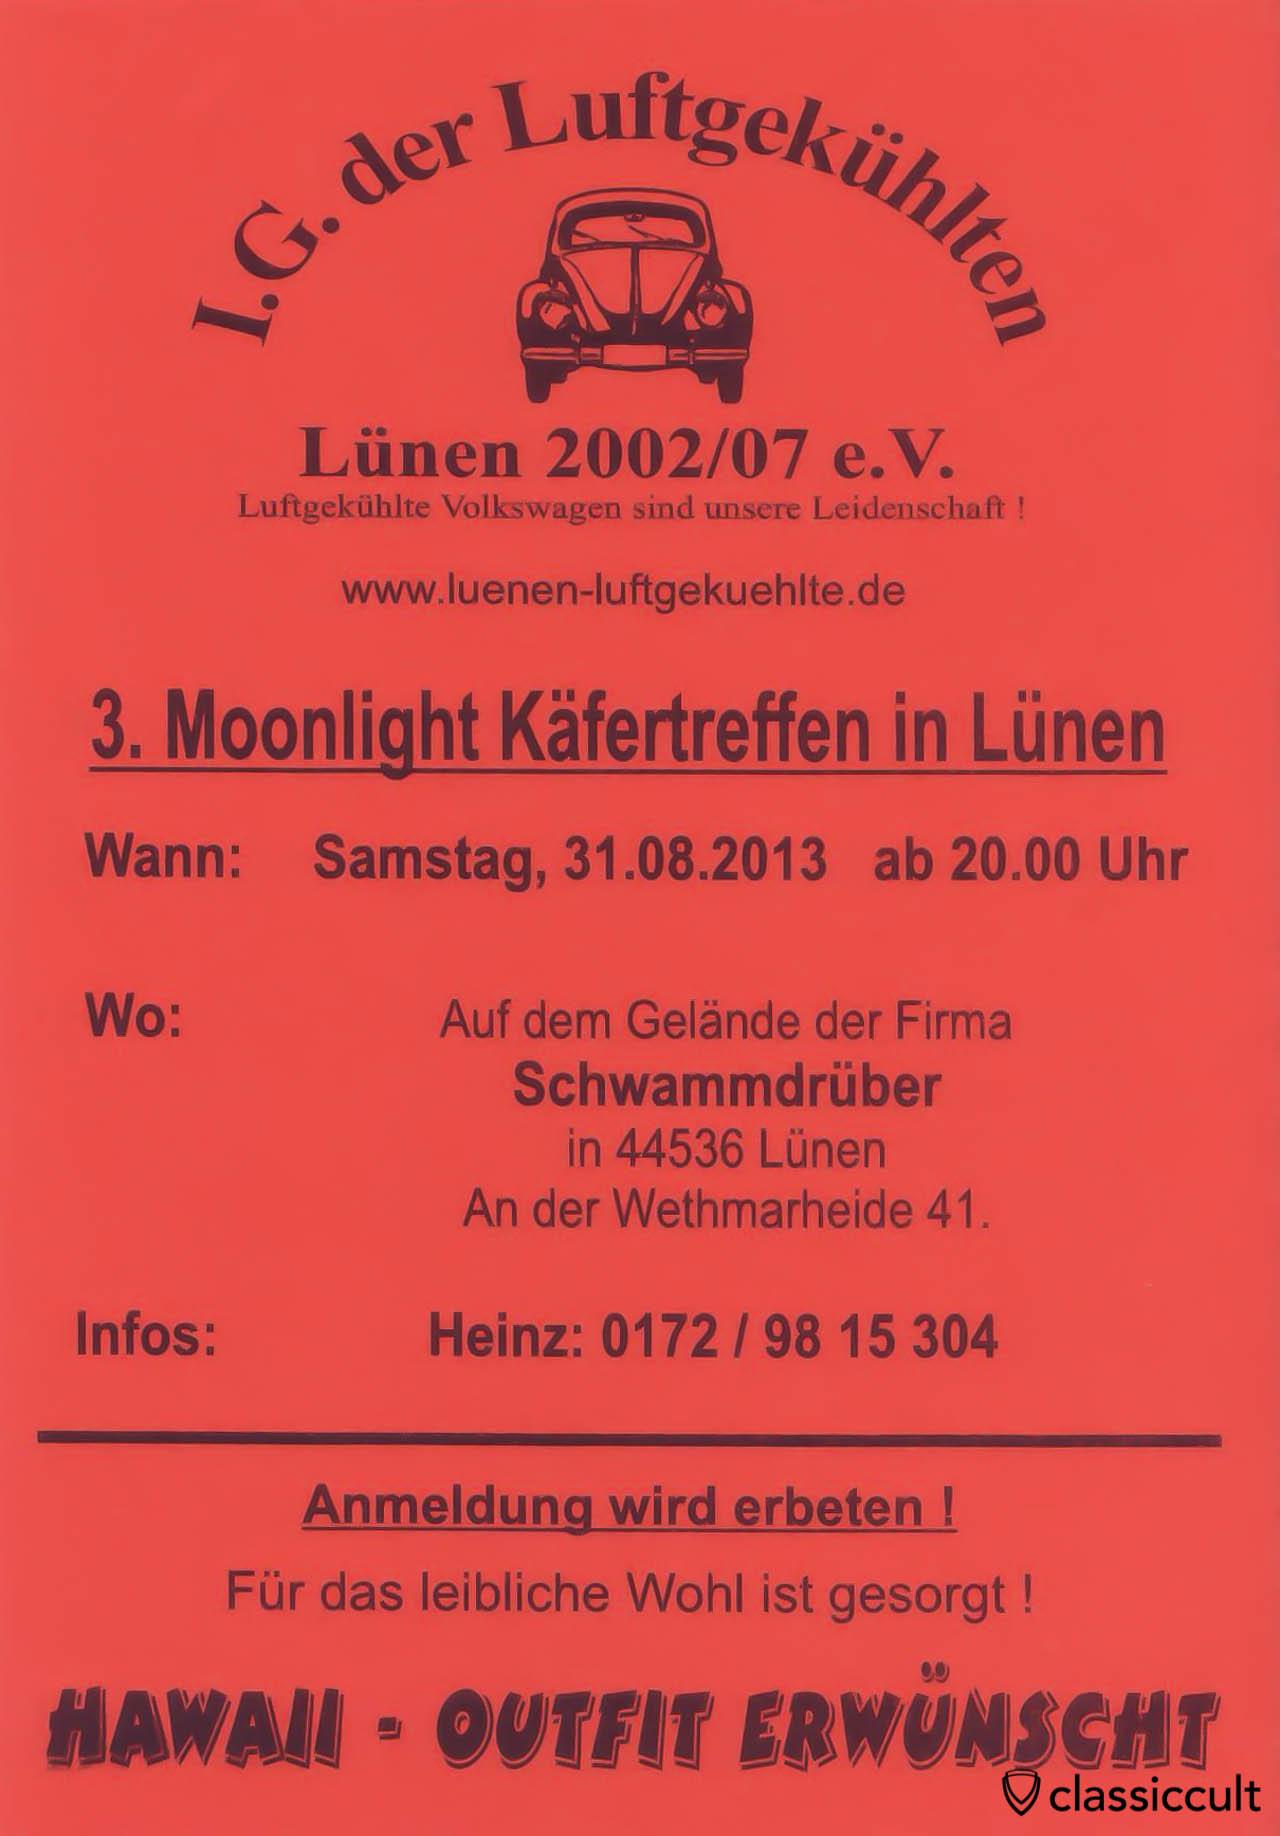 3. Moonlight VW Käfertreffen in Lünen am 31.08.2013 Flyer